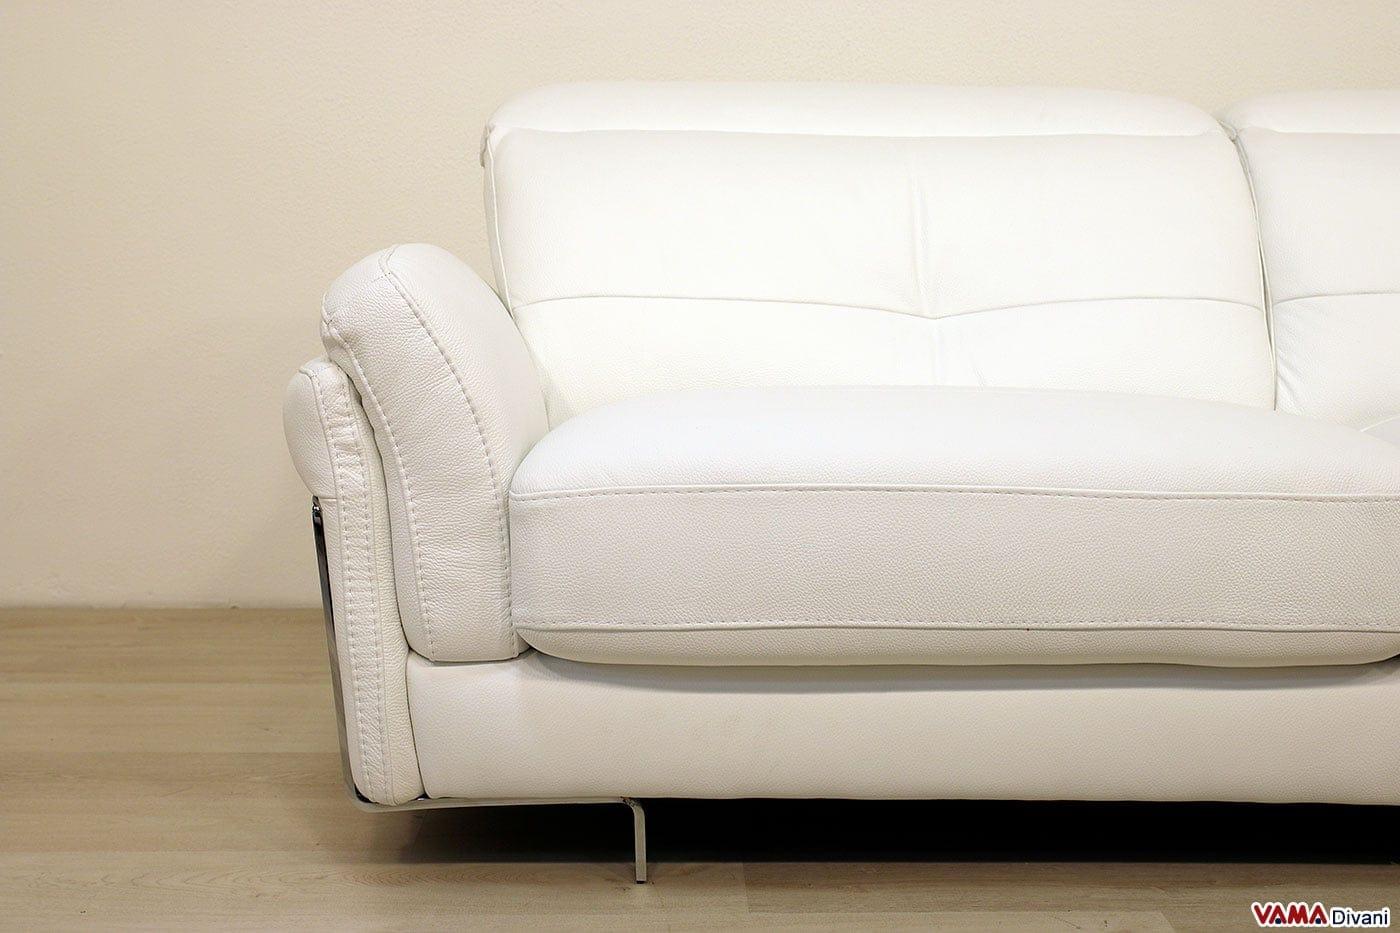 Divano in pelle moderno con poggiatesta per maggiore comfort - Divano bianco in pelle ...